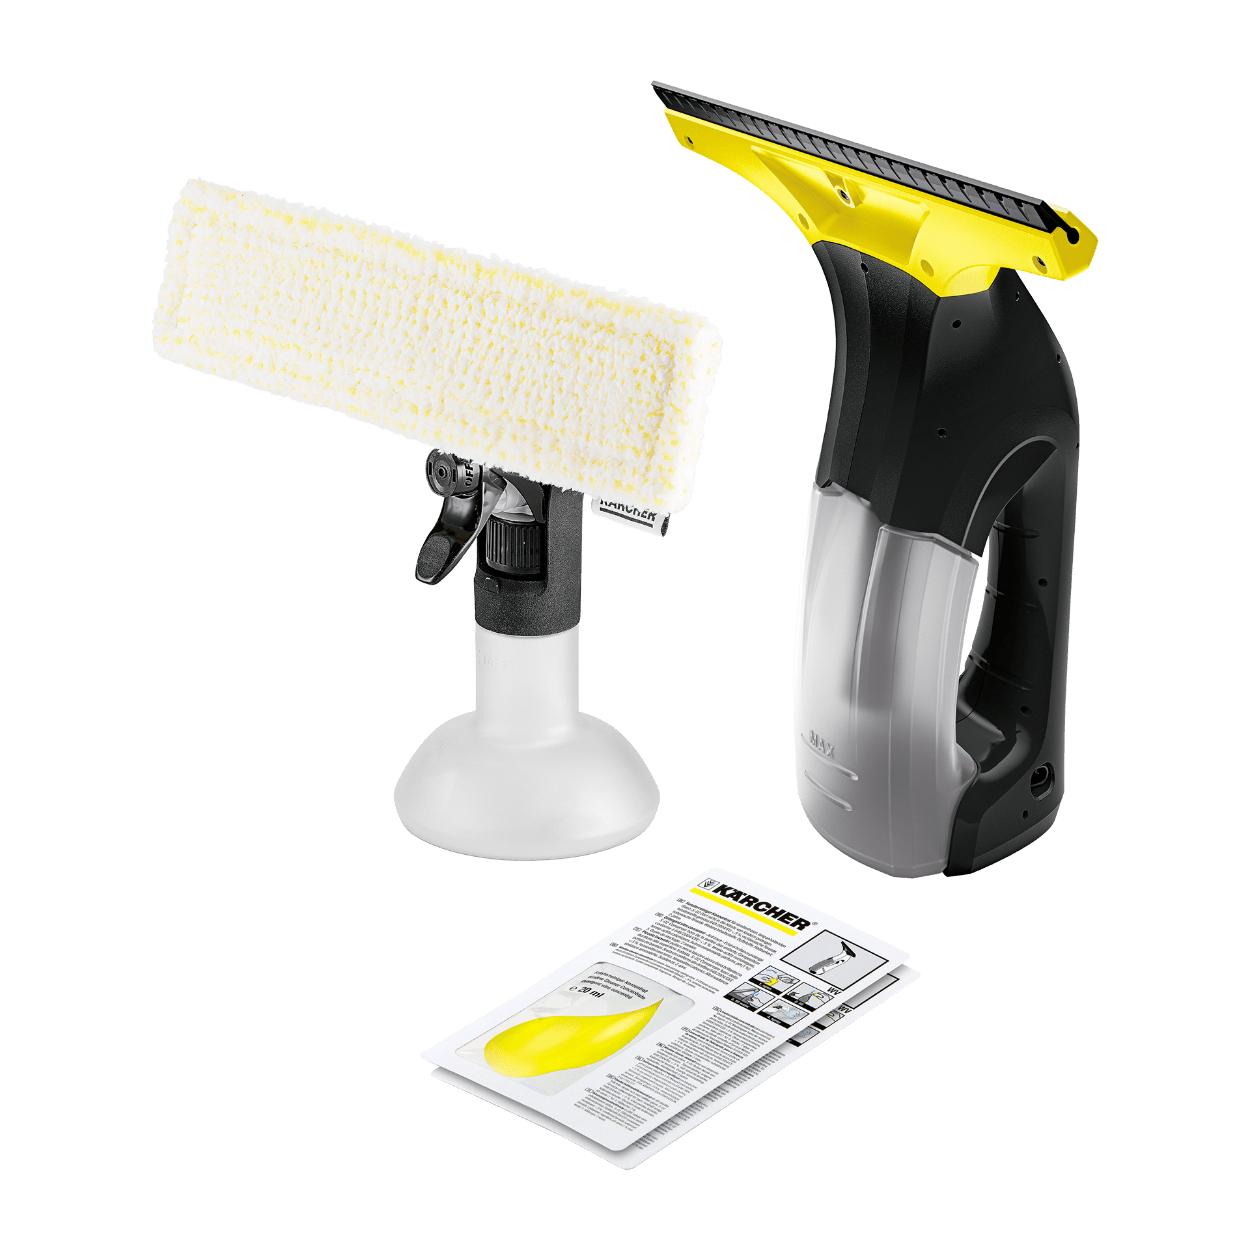 ALDI Kärcher Fenstersauger mit Sprühflasche/Wischer